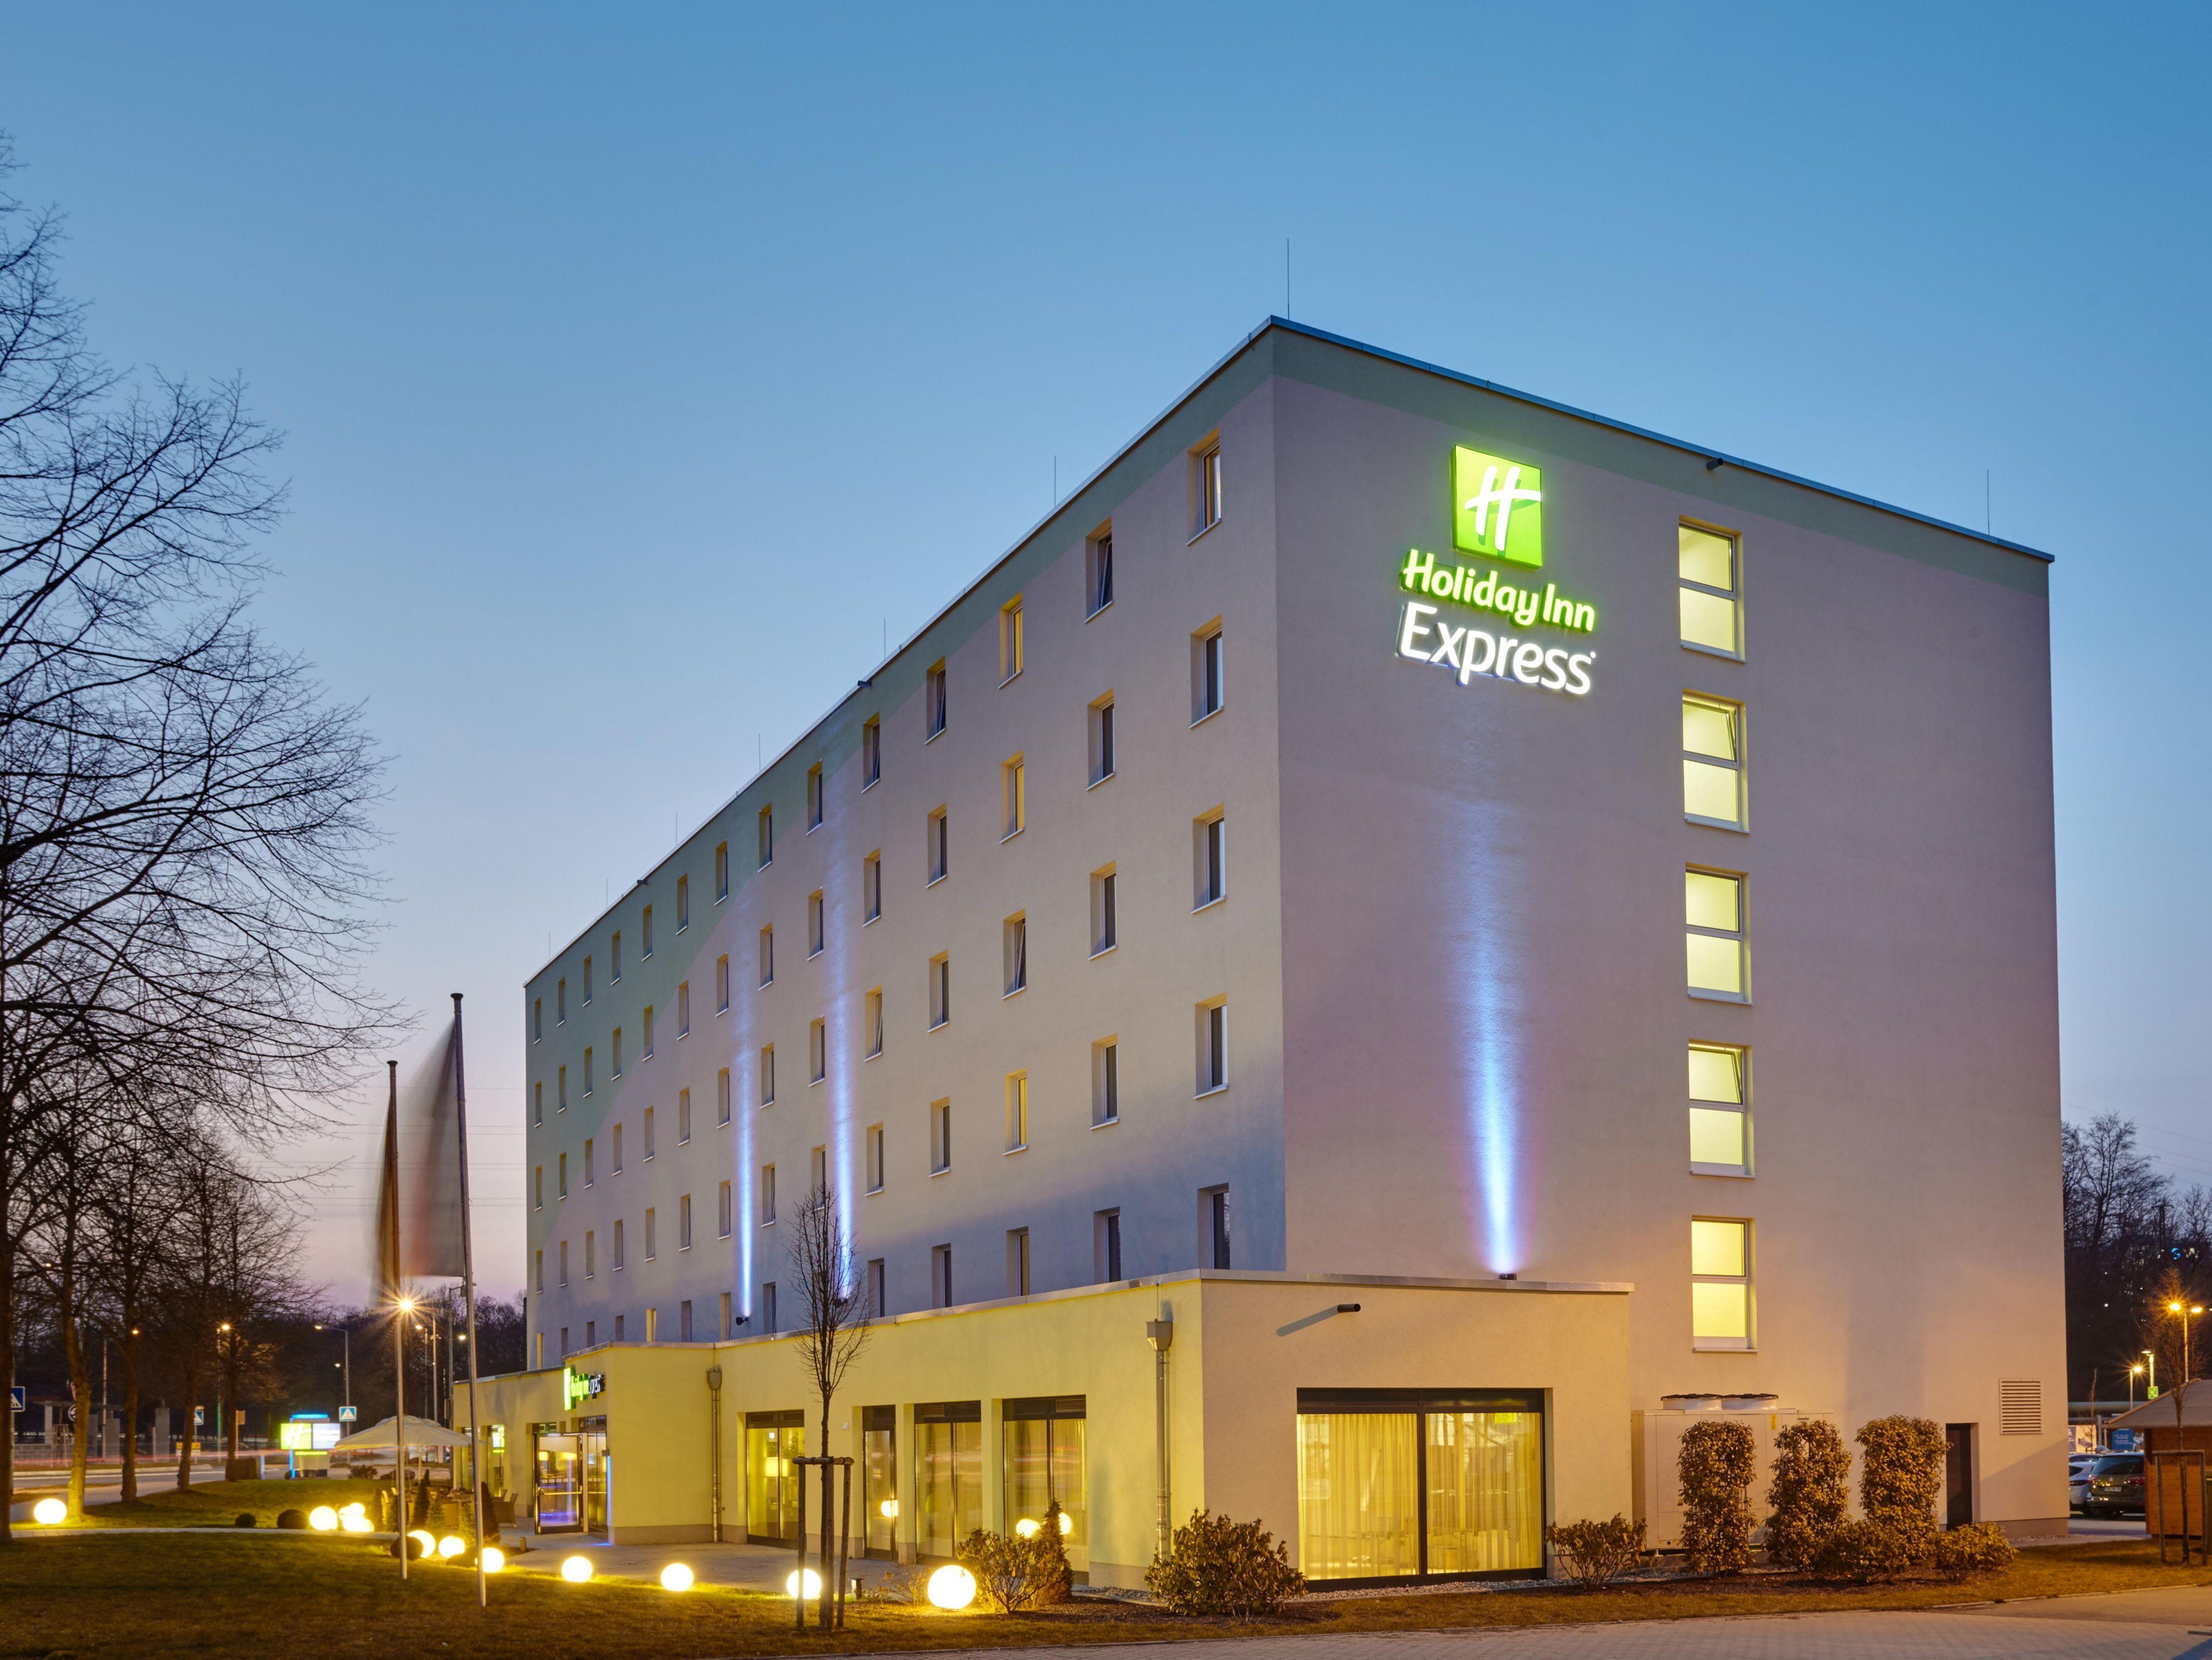 Holiday Inn Hotels Deutschland